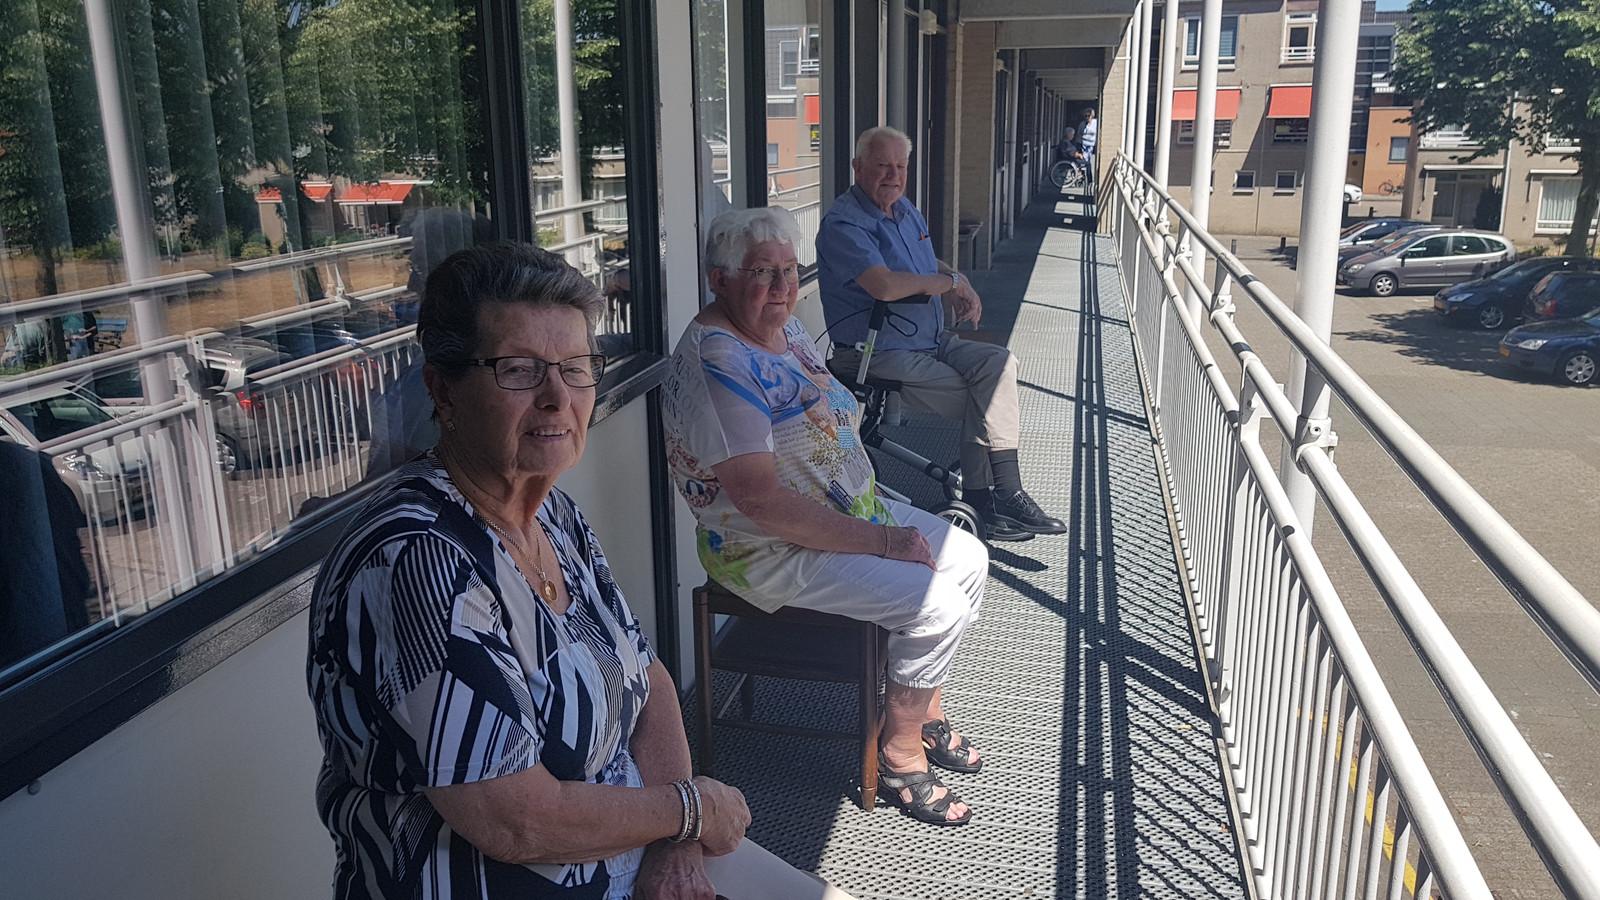 Marietje van Helvoirt, Joke en Theo van der Wijst (vlnr) rusten voor de deur uit op hun galerij.